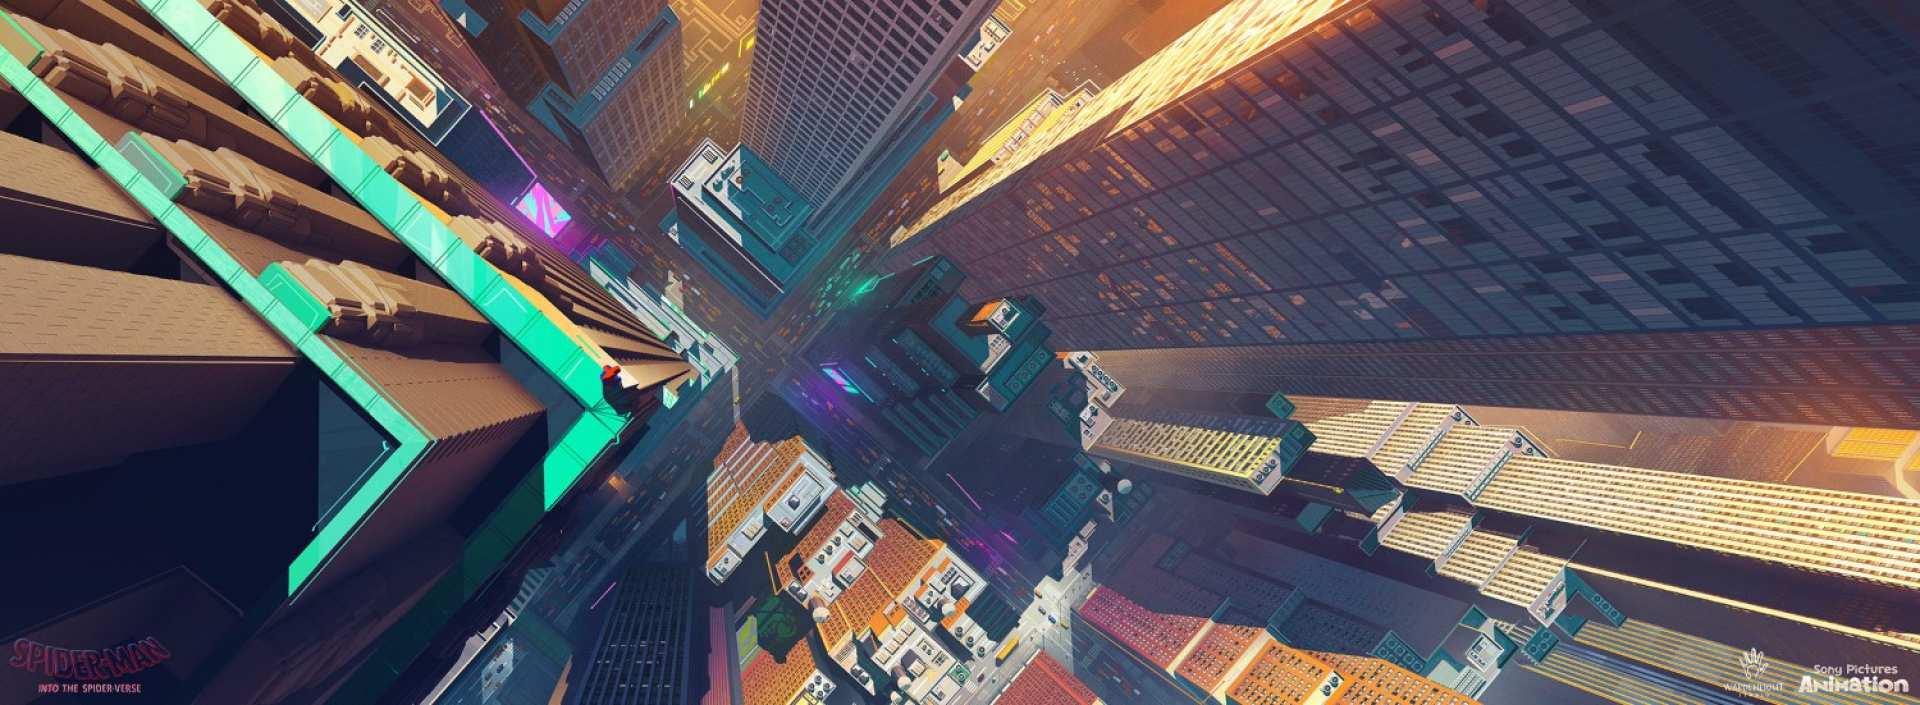 bastien-grivet-spiderman-itsv-artwork-p1wardenlight-02.jpg